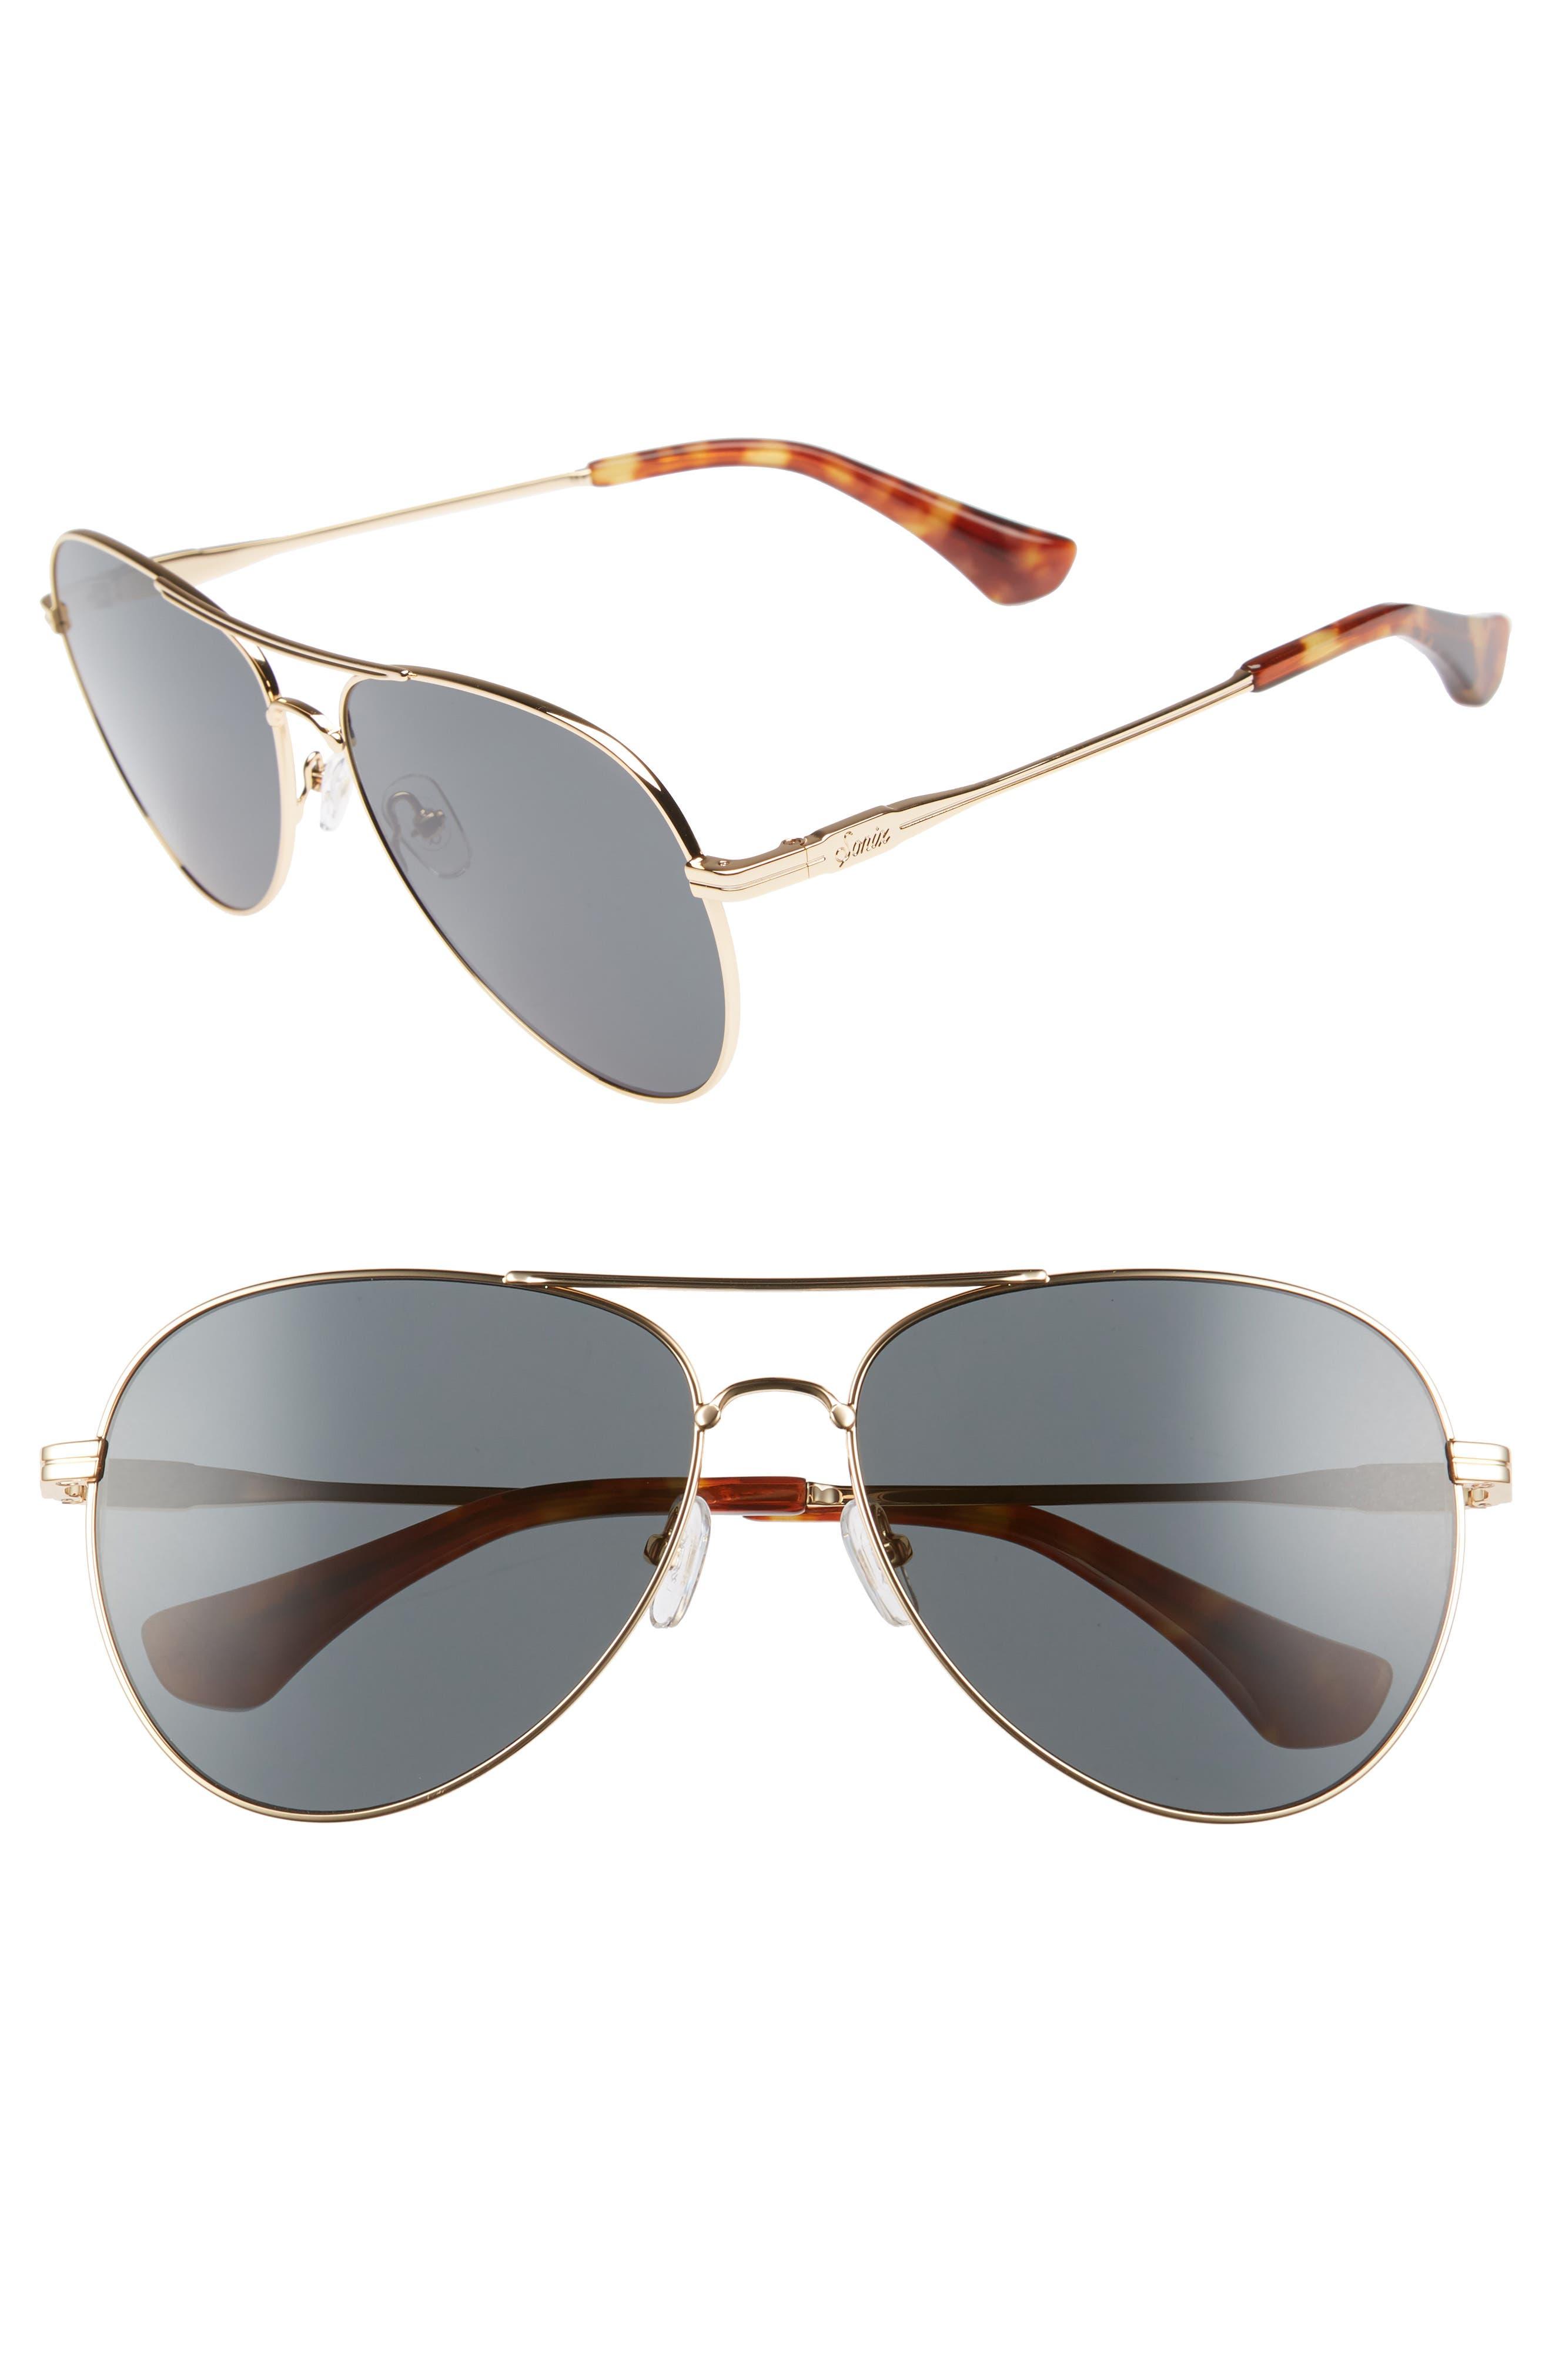 Lodi 61mm Mirrored Aviator Sunglasses,                         Main,                         color, 714